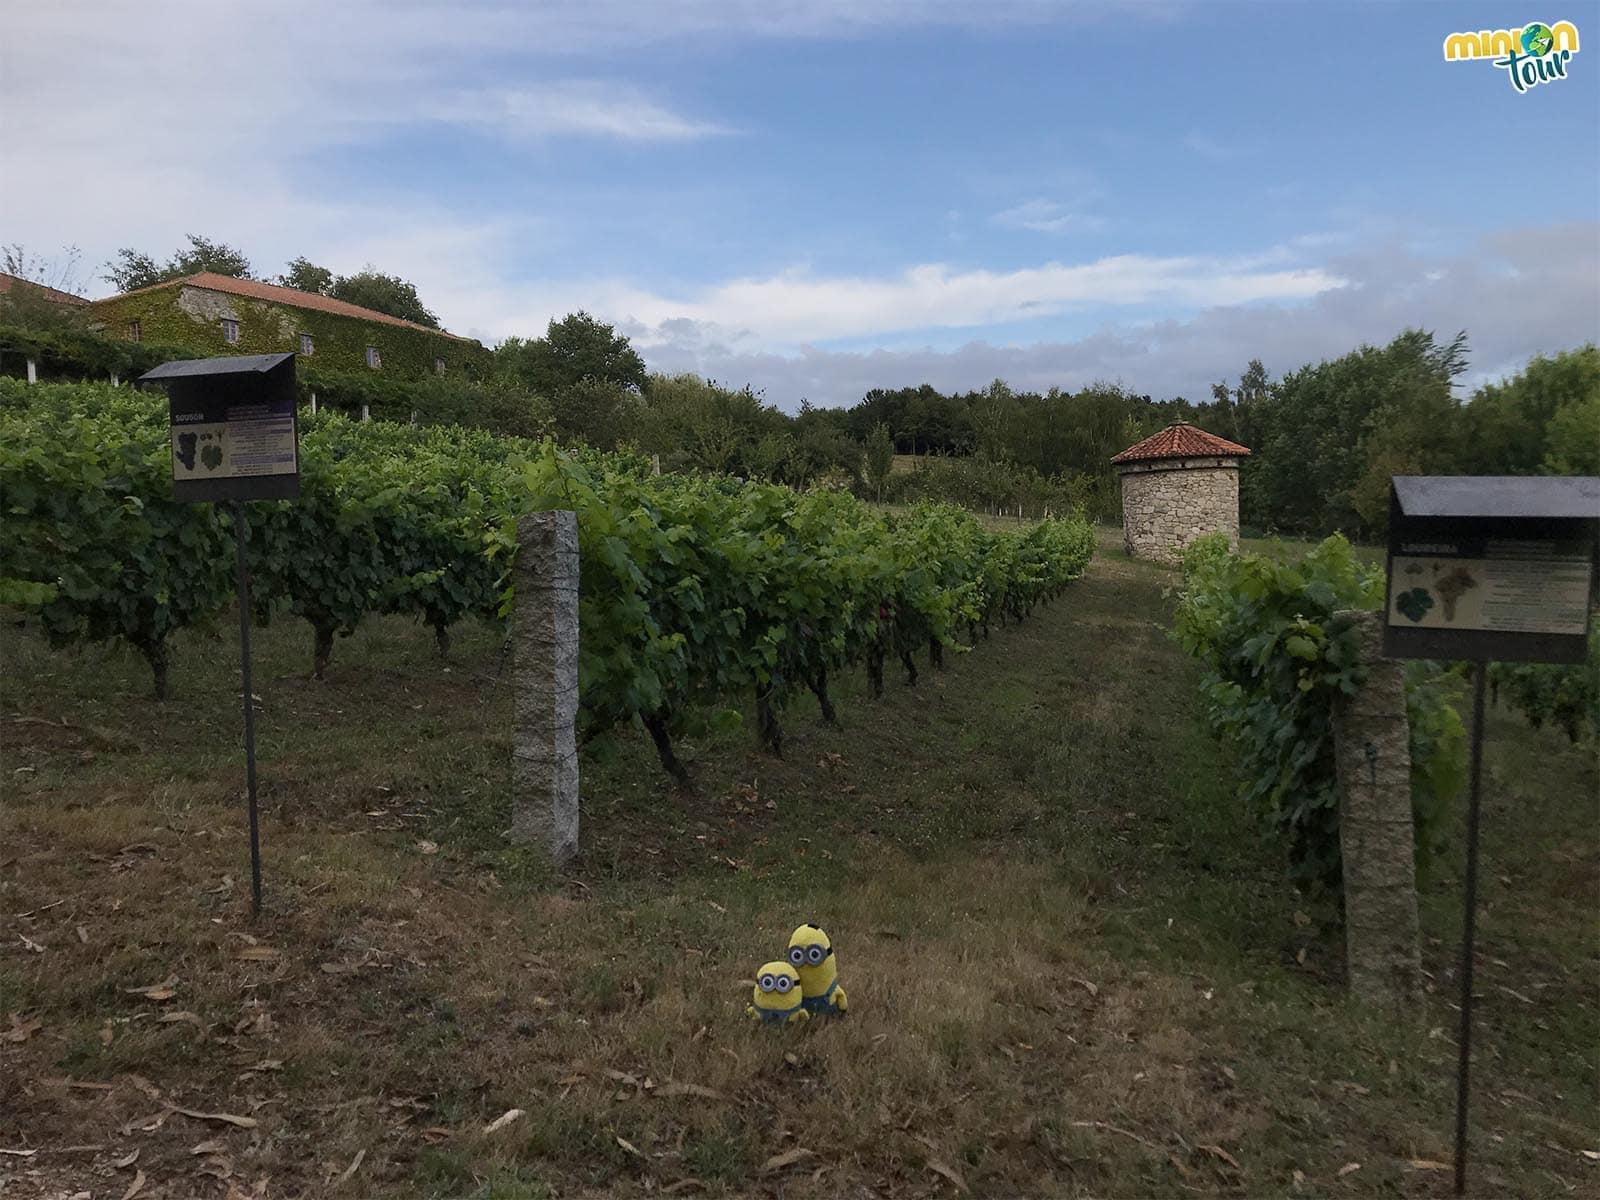 Rodeados de viñas